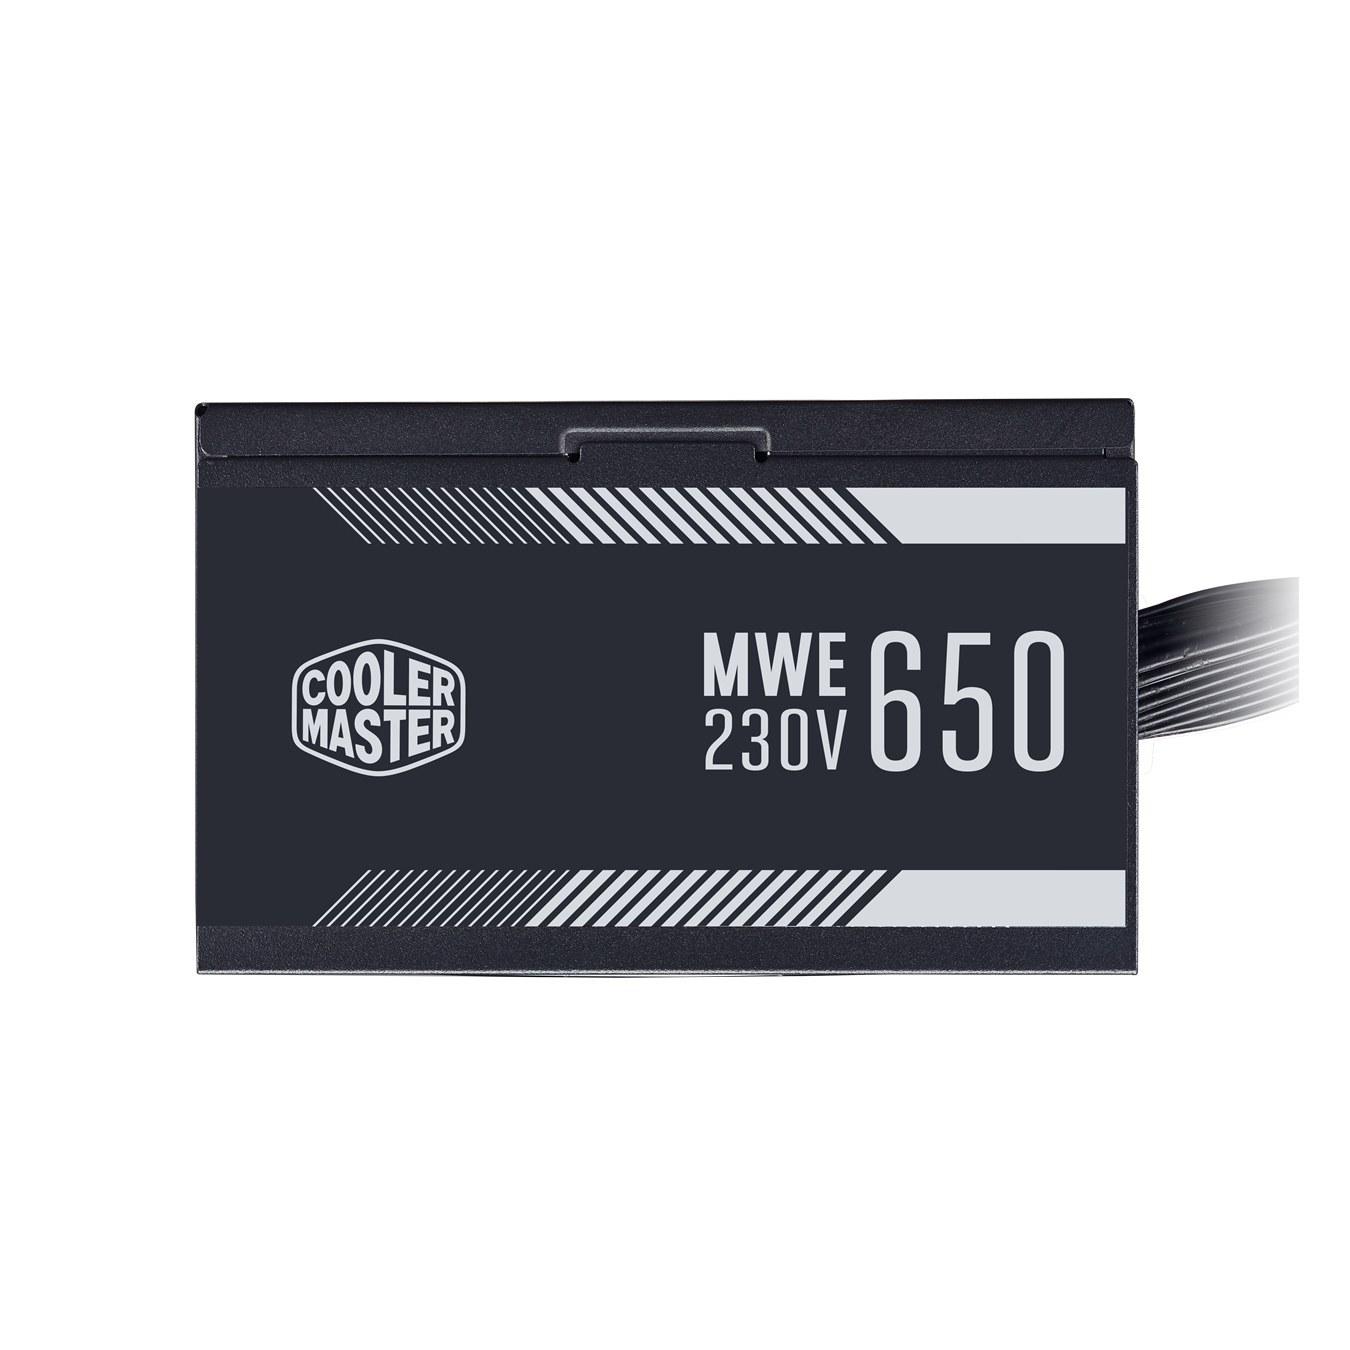 تصویر پاور 650 وات کولرمستر مدل WHITE MWE 650W POWER COOLERMASTER WHITE MWE 650W